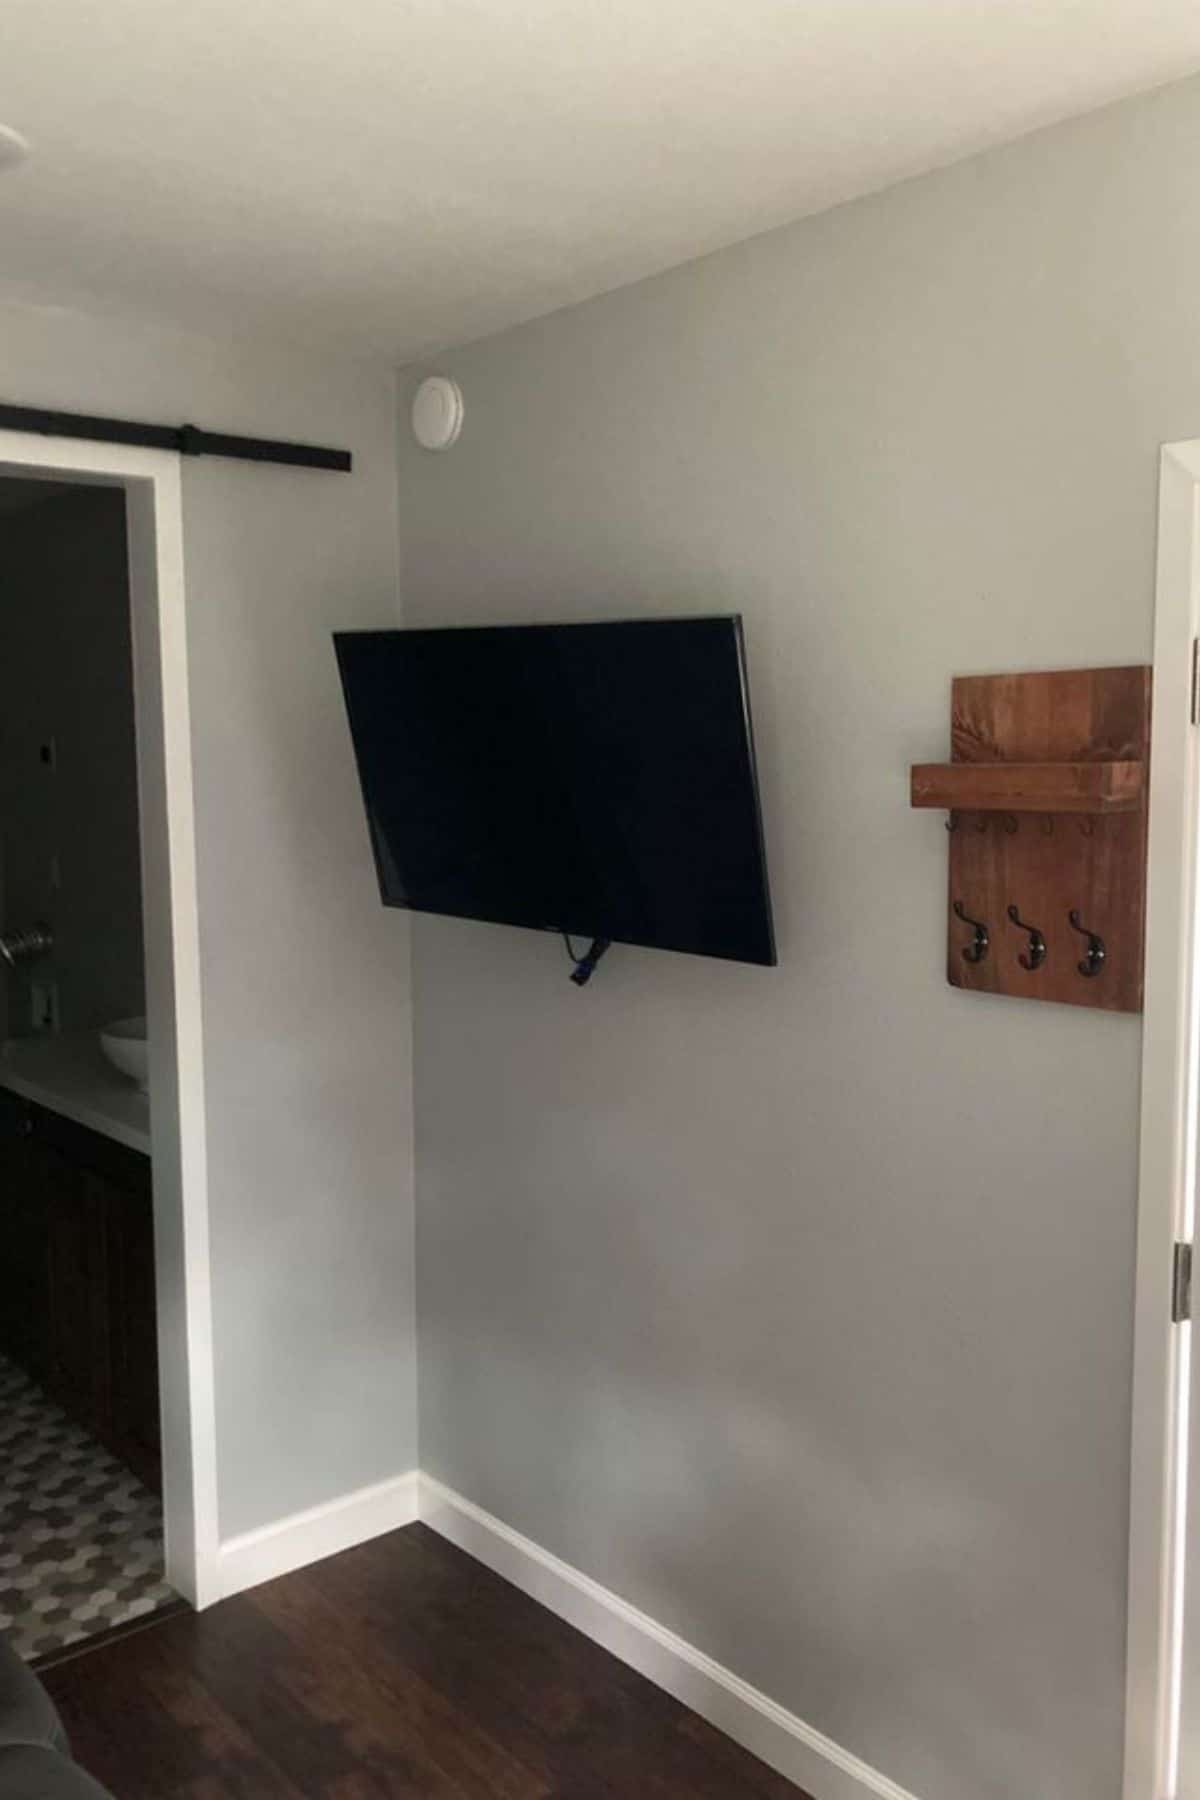 TV mounted on wall